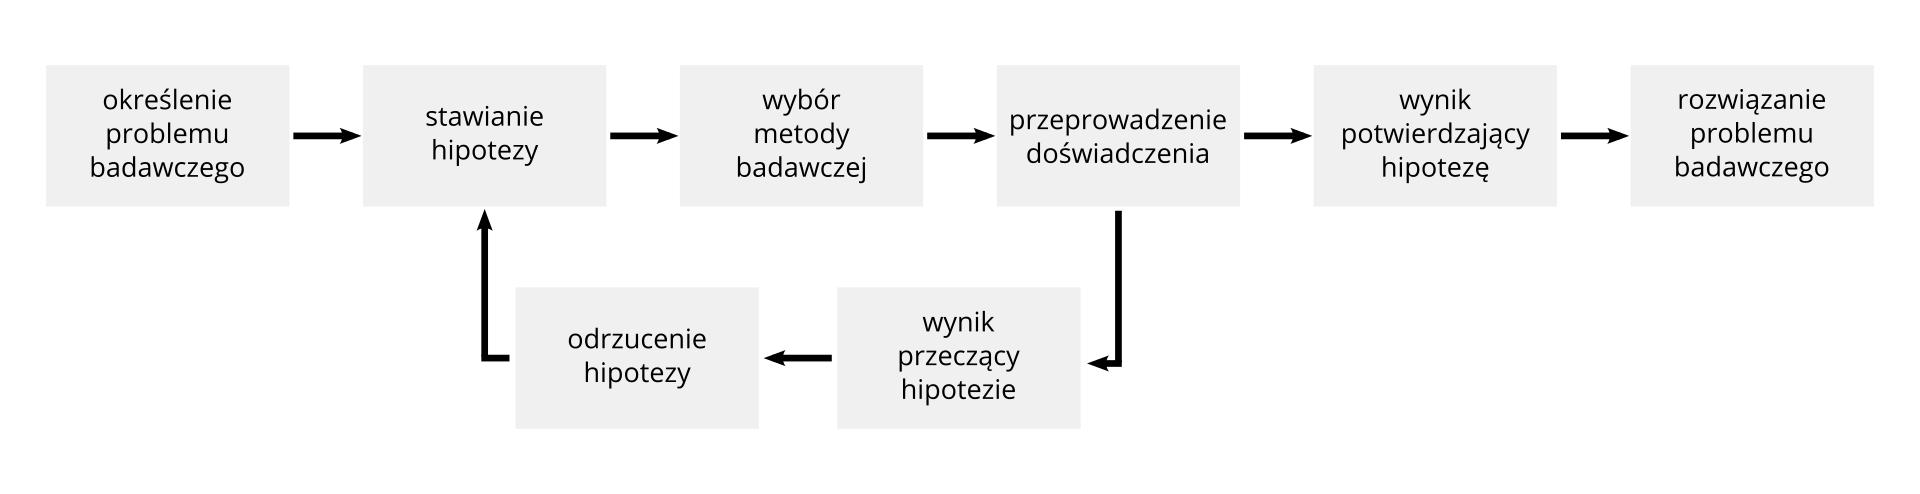 Diagram prezentujący przebieg eksperymentu chemicznego zpodziałem na etapy. Eksperyment rozpoczyna określenie problemu badawczego, po którym następuje stawianie hipotezy iwybór metody badawczej. Kolejnym etapem jest przeprowadzenie doświadczenia, którego wynik może potwierdzić hipotezę lub jej zaprzeczyć. Potwierdzenie hipotezy oznacza pozytywne rozwiązanie problemu badawczego, natomiast zaprzeczenie hipotezy oznacza konieczność jej odrzucenia, postawienia nowej hipotezy, wybranie stosownej metody badawczej iprzeprowadzenie kolejnego doświadczenia.